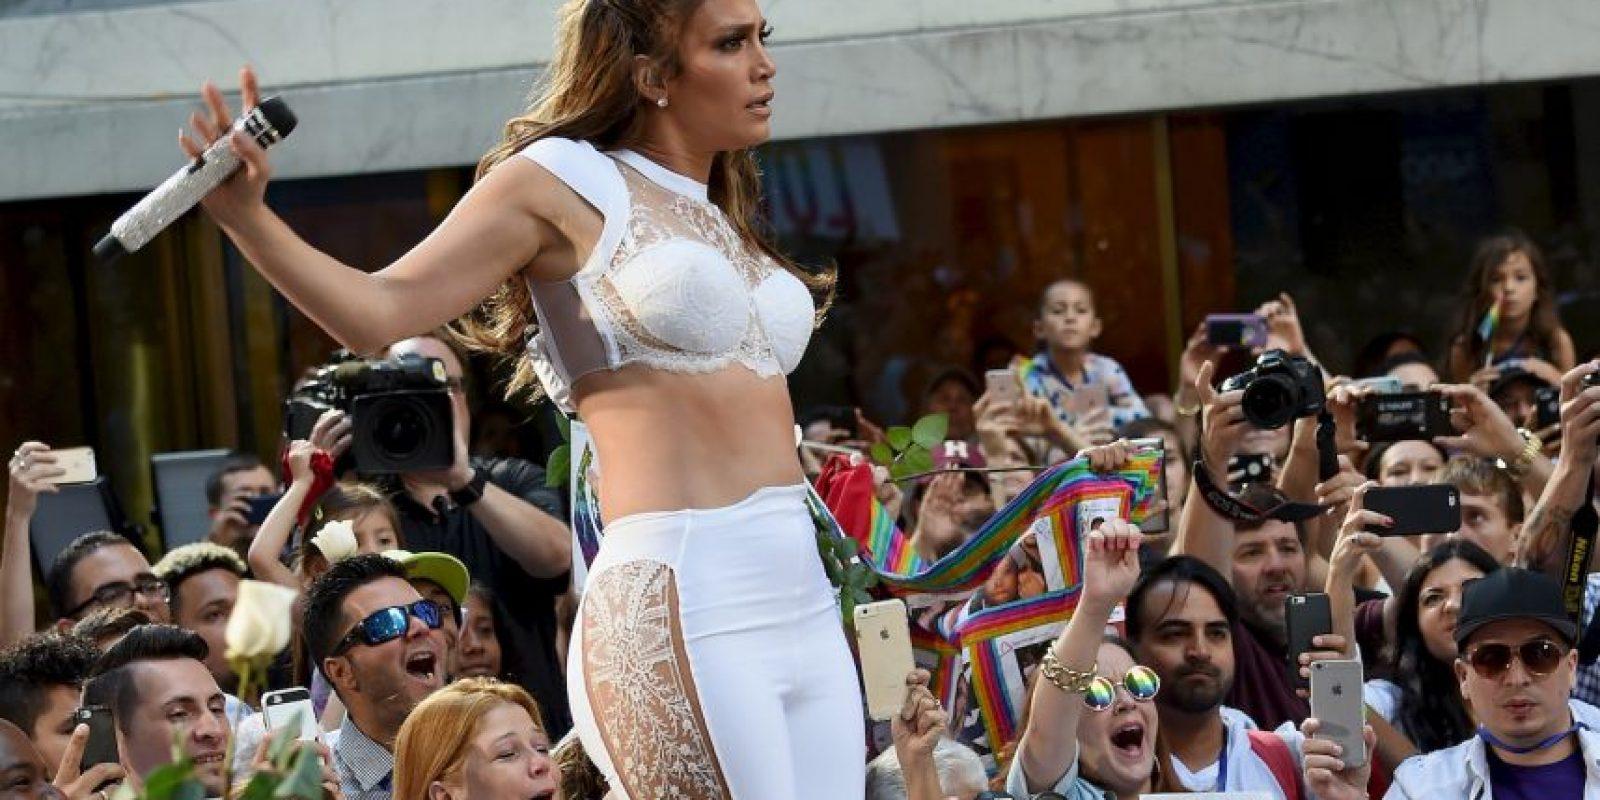 Getty Images Foto:Pensó que nadie la veía pero fue captada en video